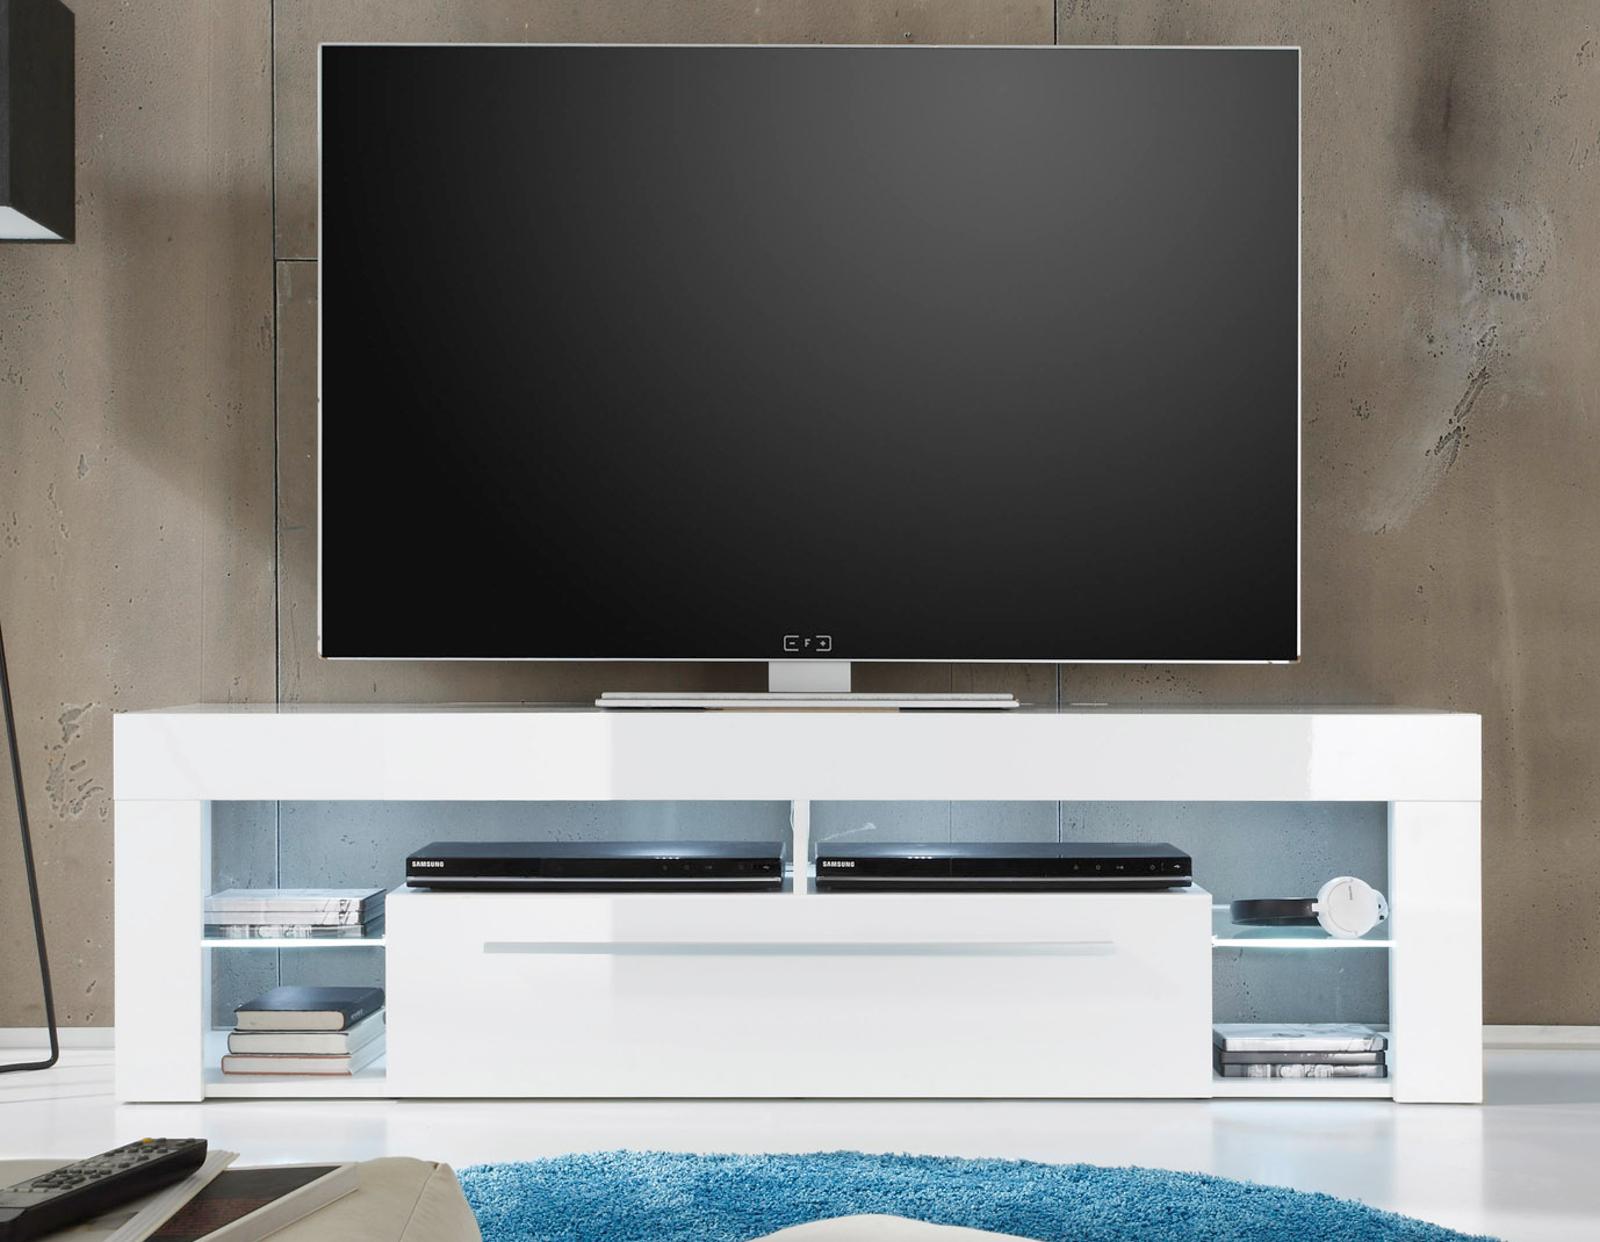 lowboard tv unterteil score wei hochglanz. Black Bedroom Furniture Sets. Home Design Ideas